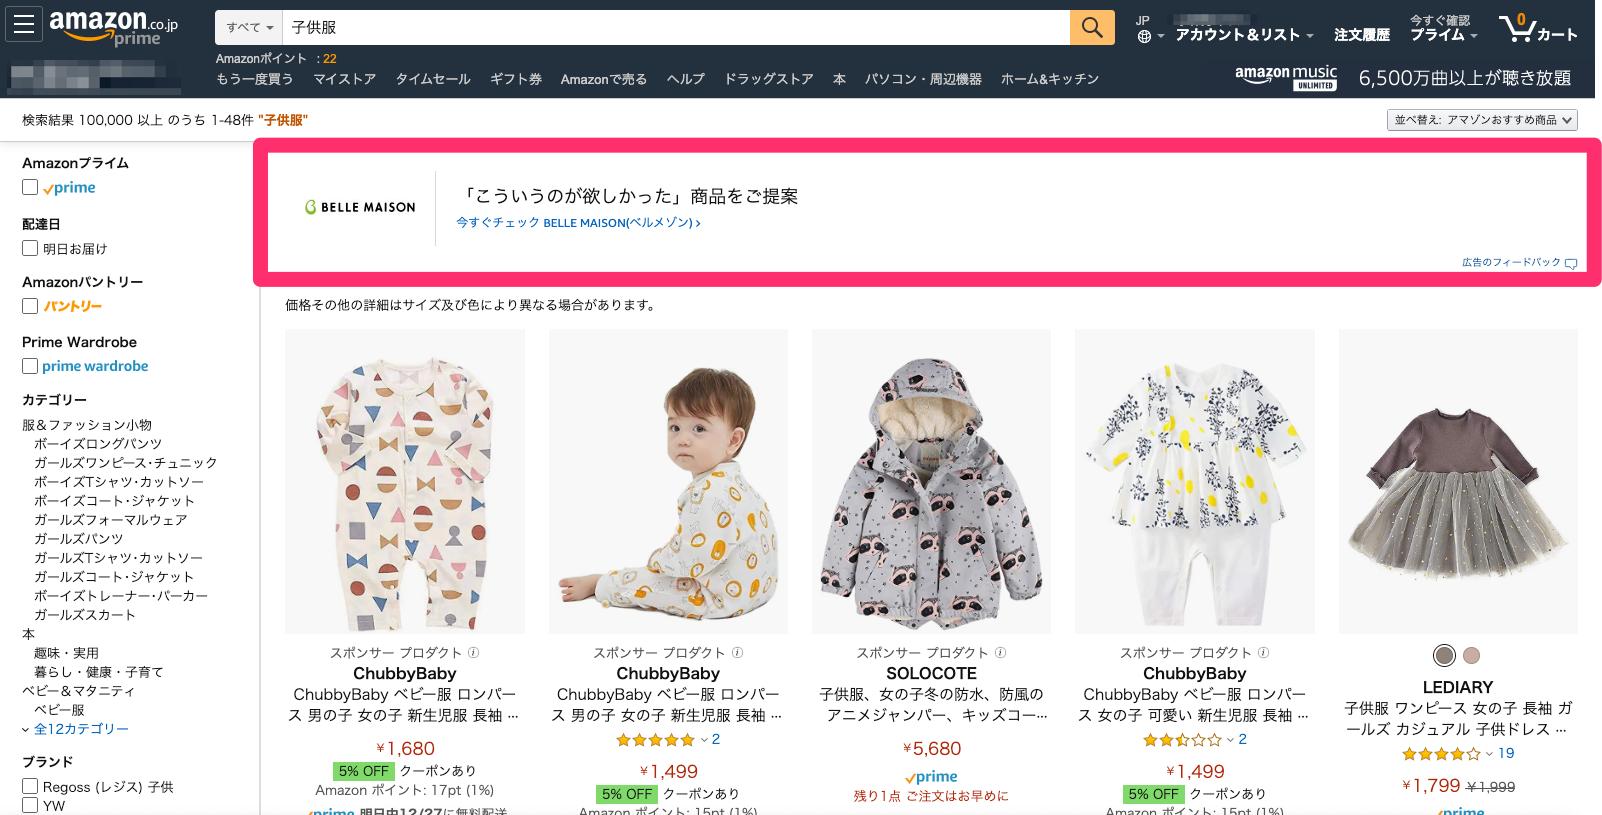 Amazon広告 ストア 事例